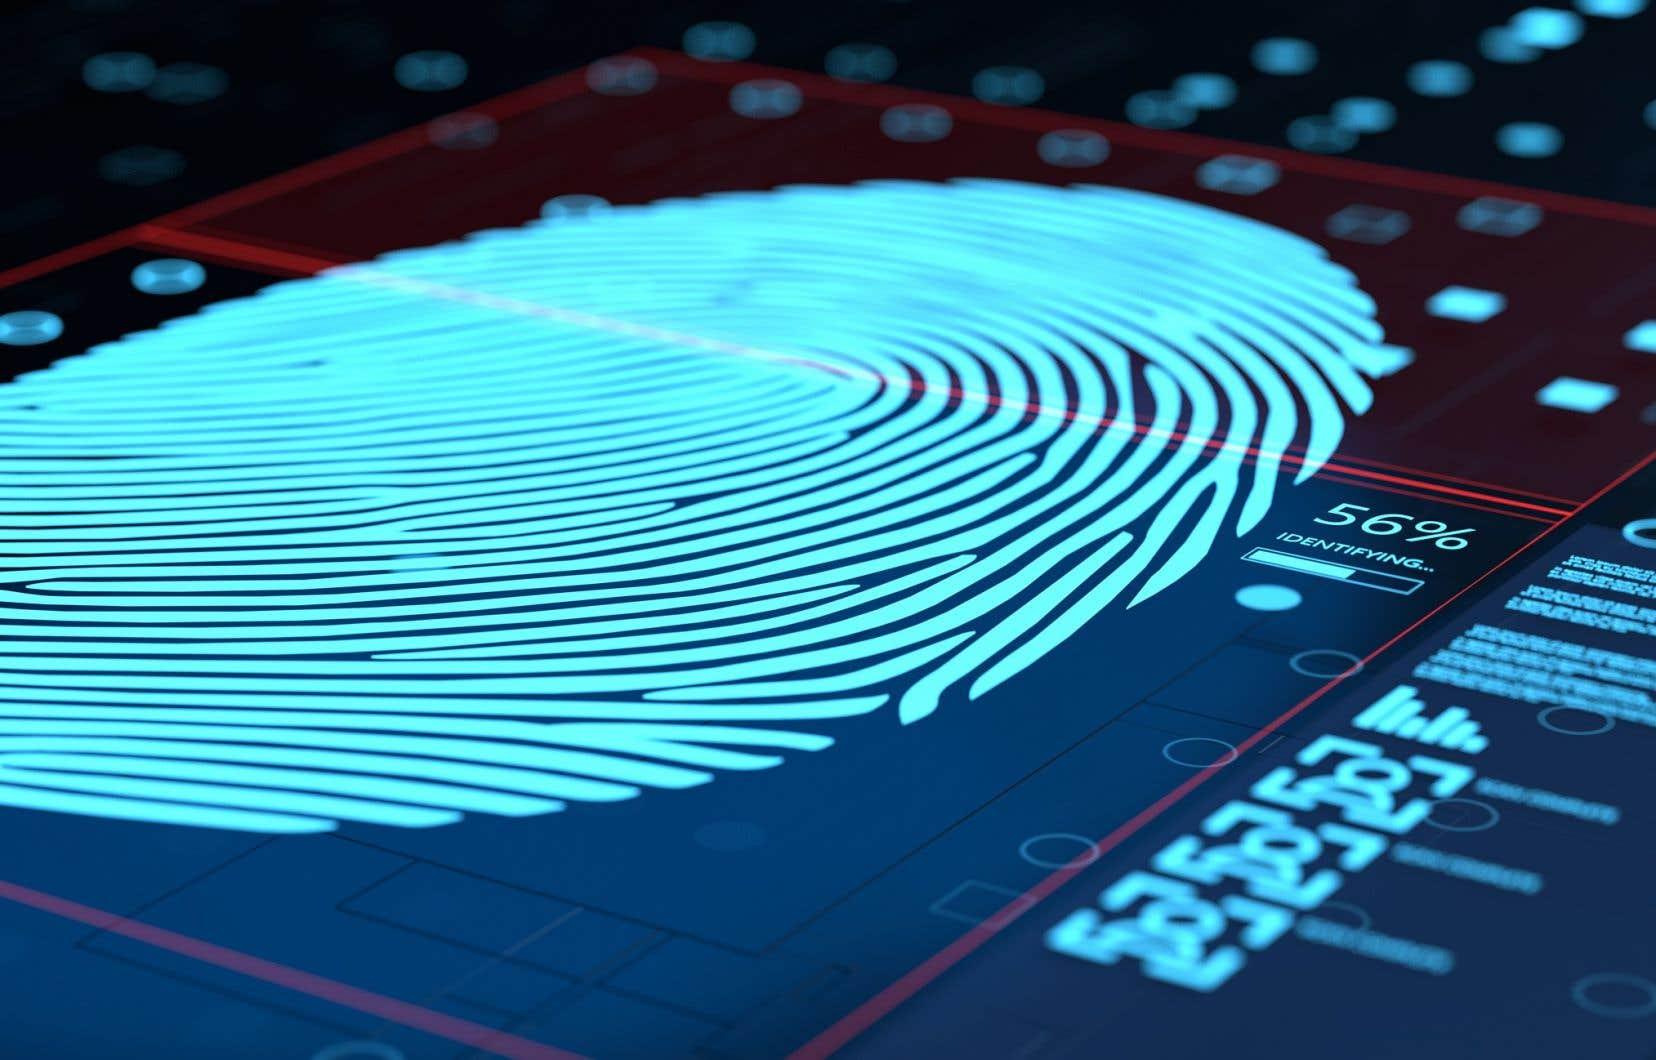 L'équivalent d'un «portefeuille numérique» permettrait d'identifier et de certifier qu'une personne est bien la bonne. Le but: éviter les vols d'identité et protéger les informations personnelles.